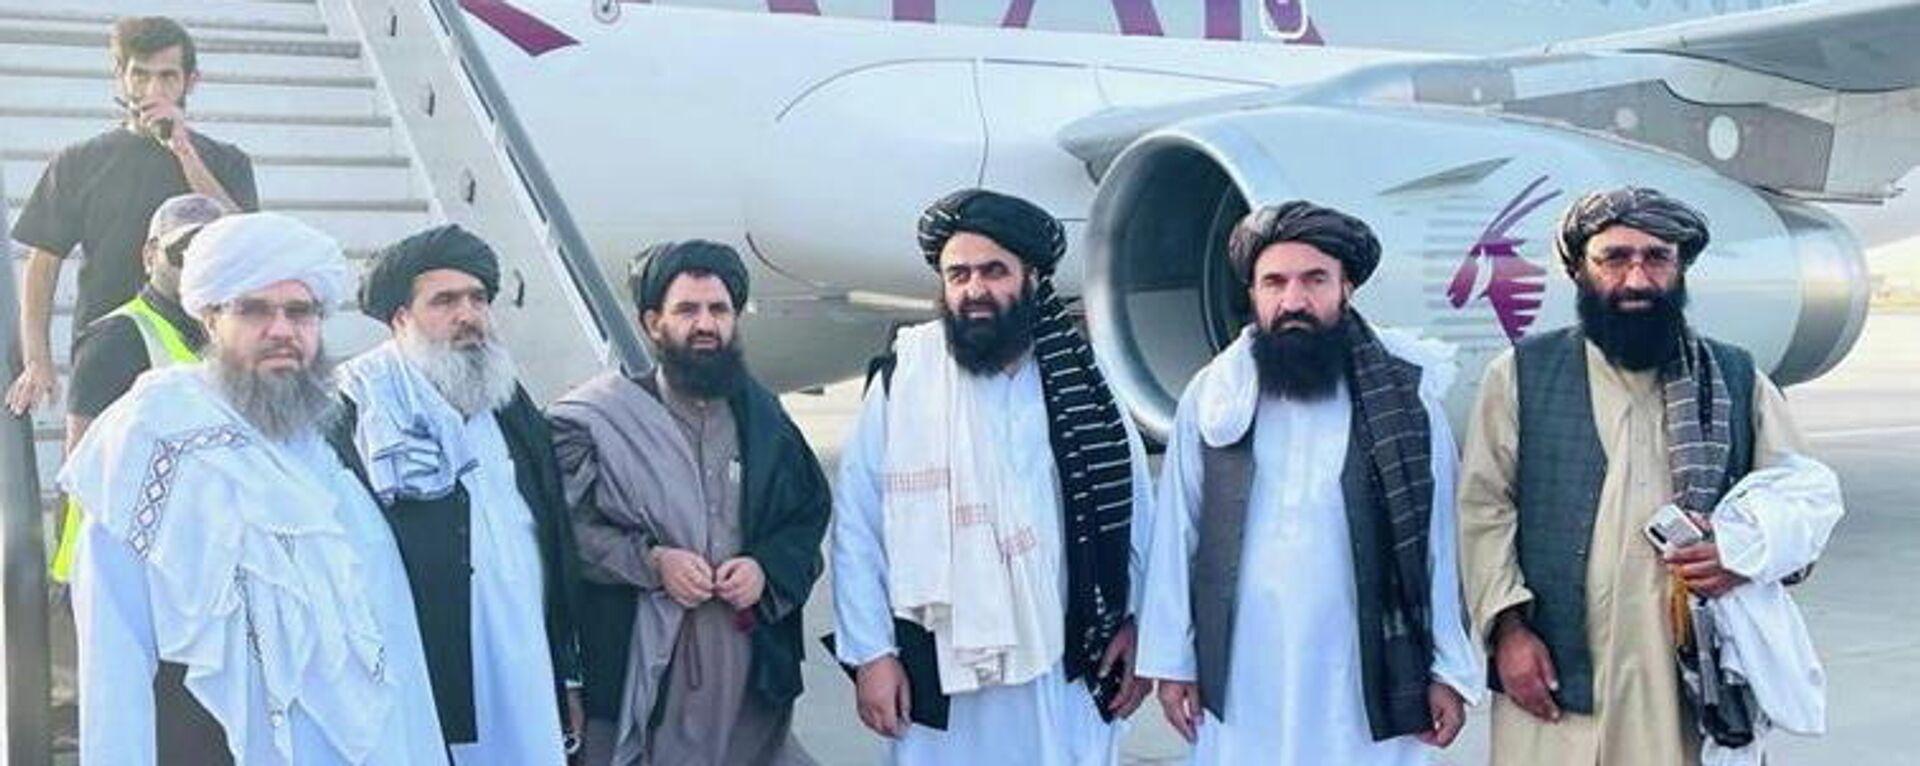 Taliban Delegation - SNA, 1920, 11.10.2021